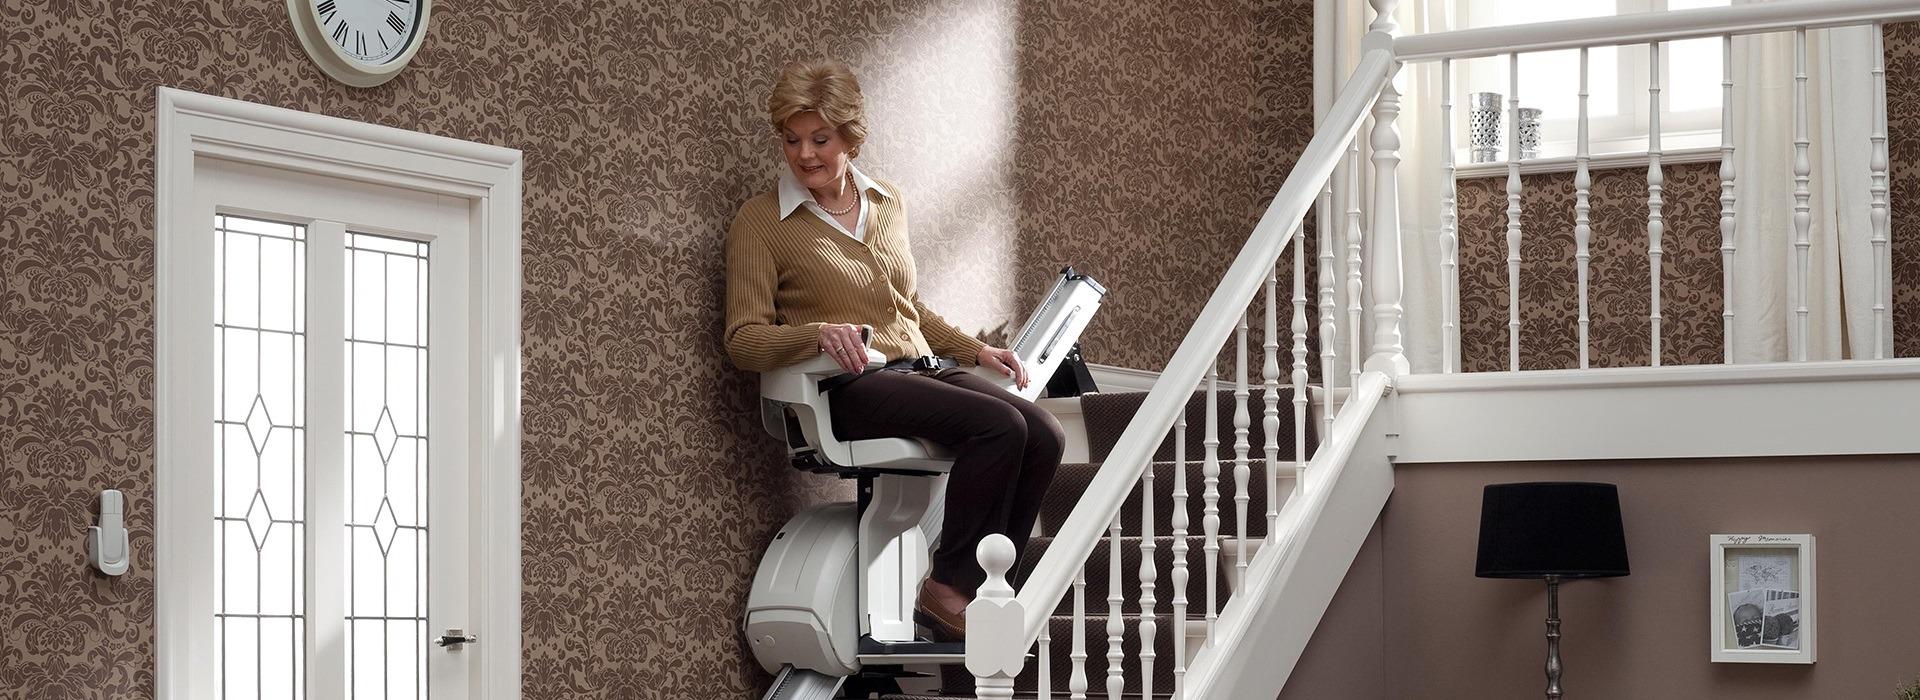 Treppenlift auf dem eine Frau fährt.